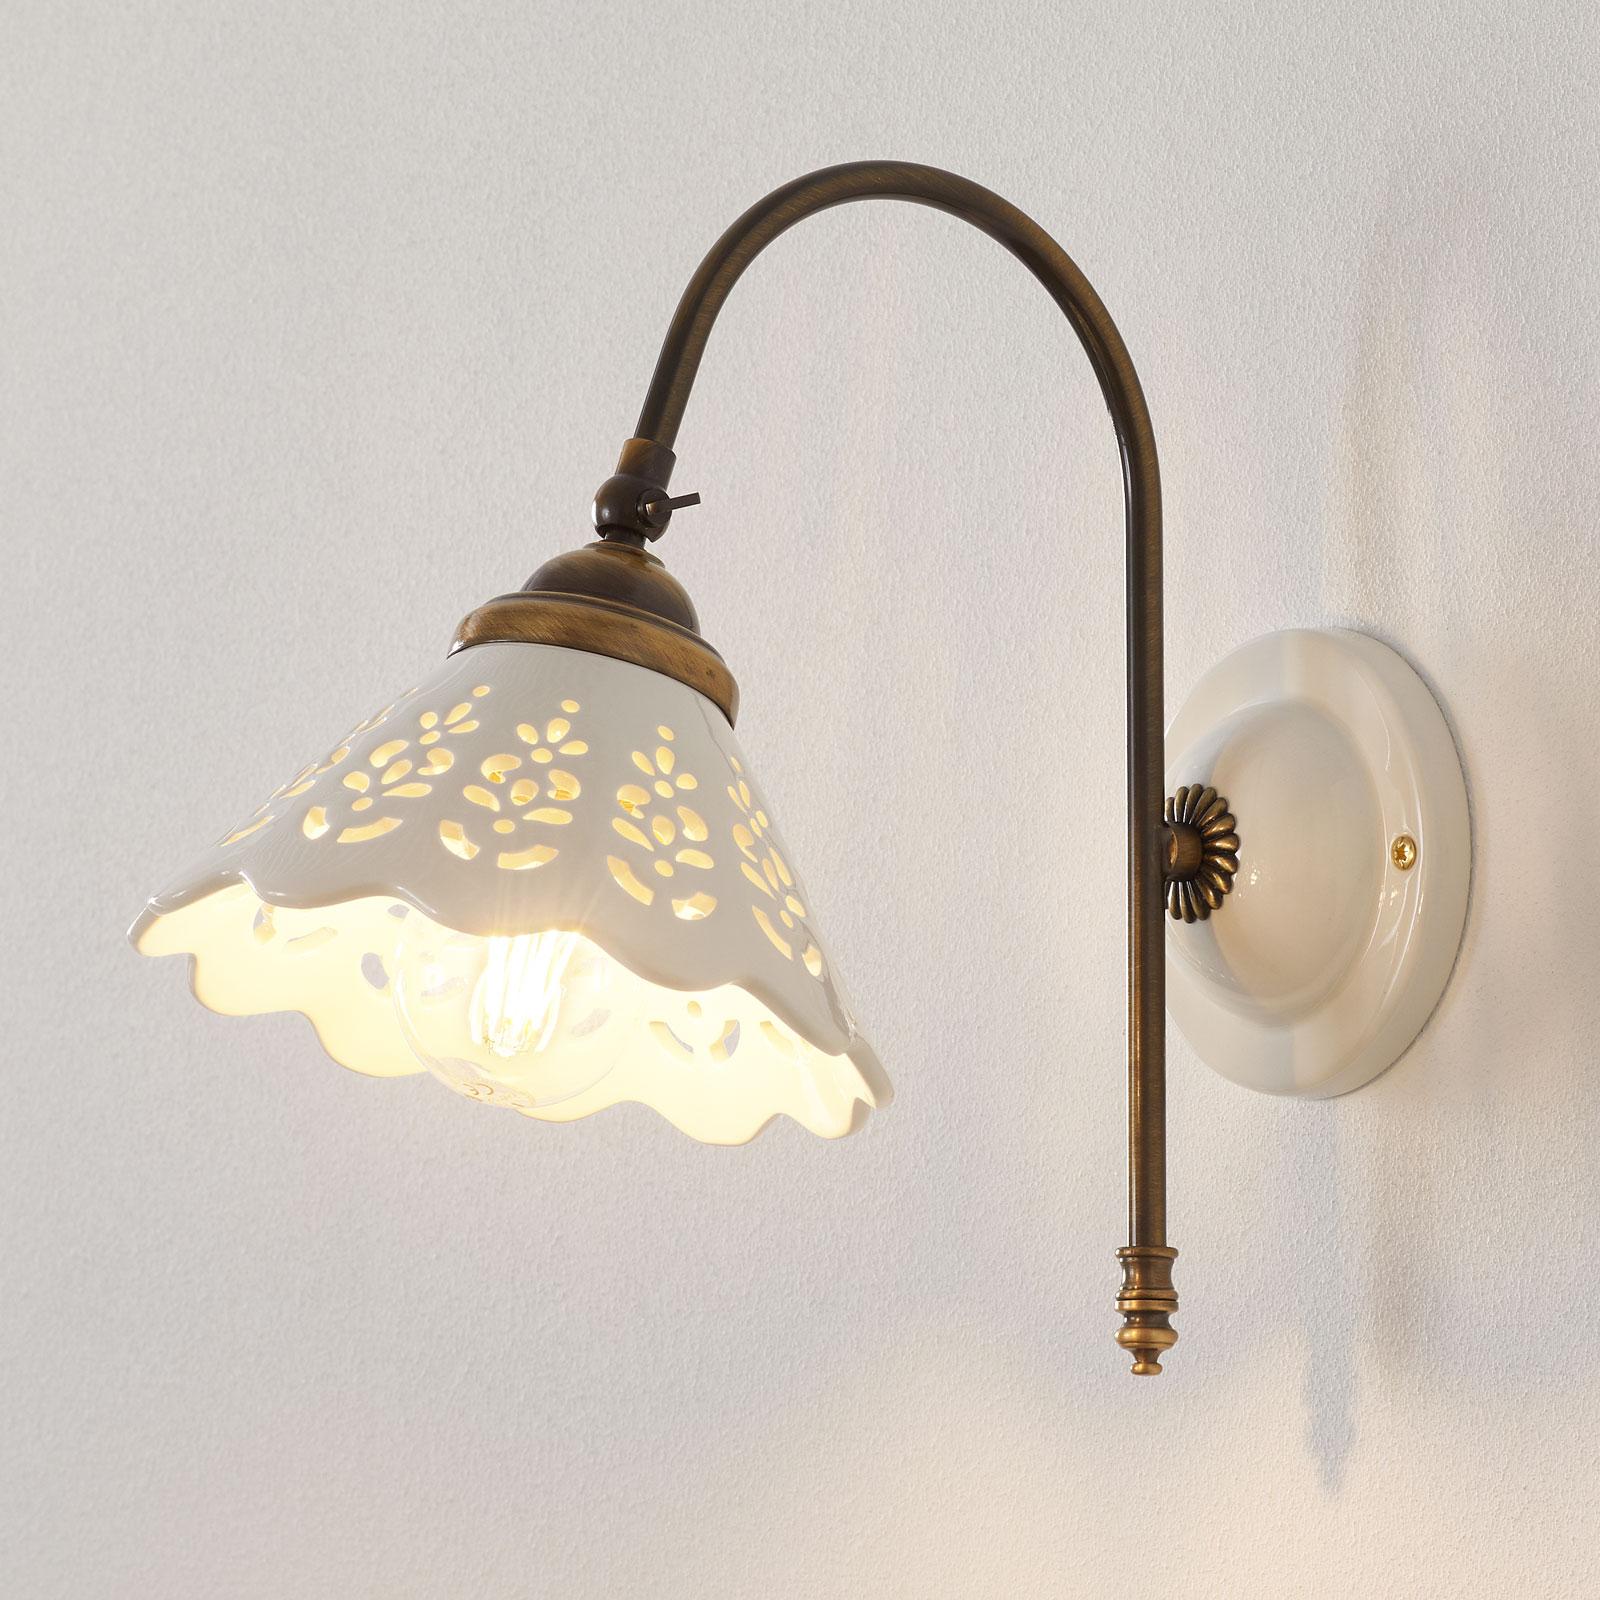 Portico - wandlamp met gebogen arm